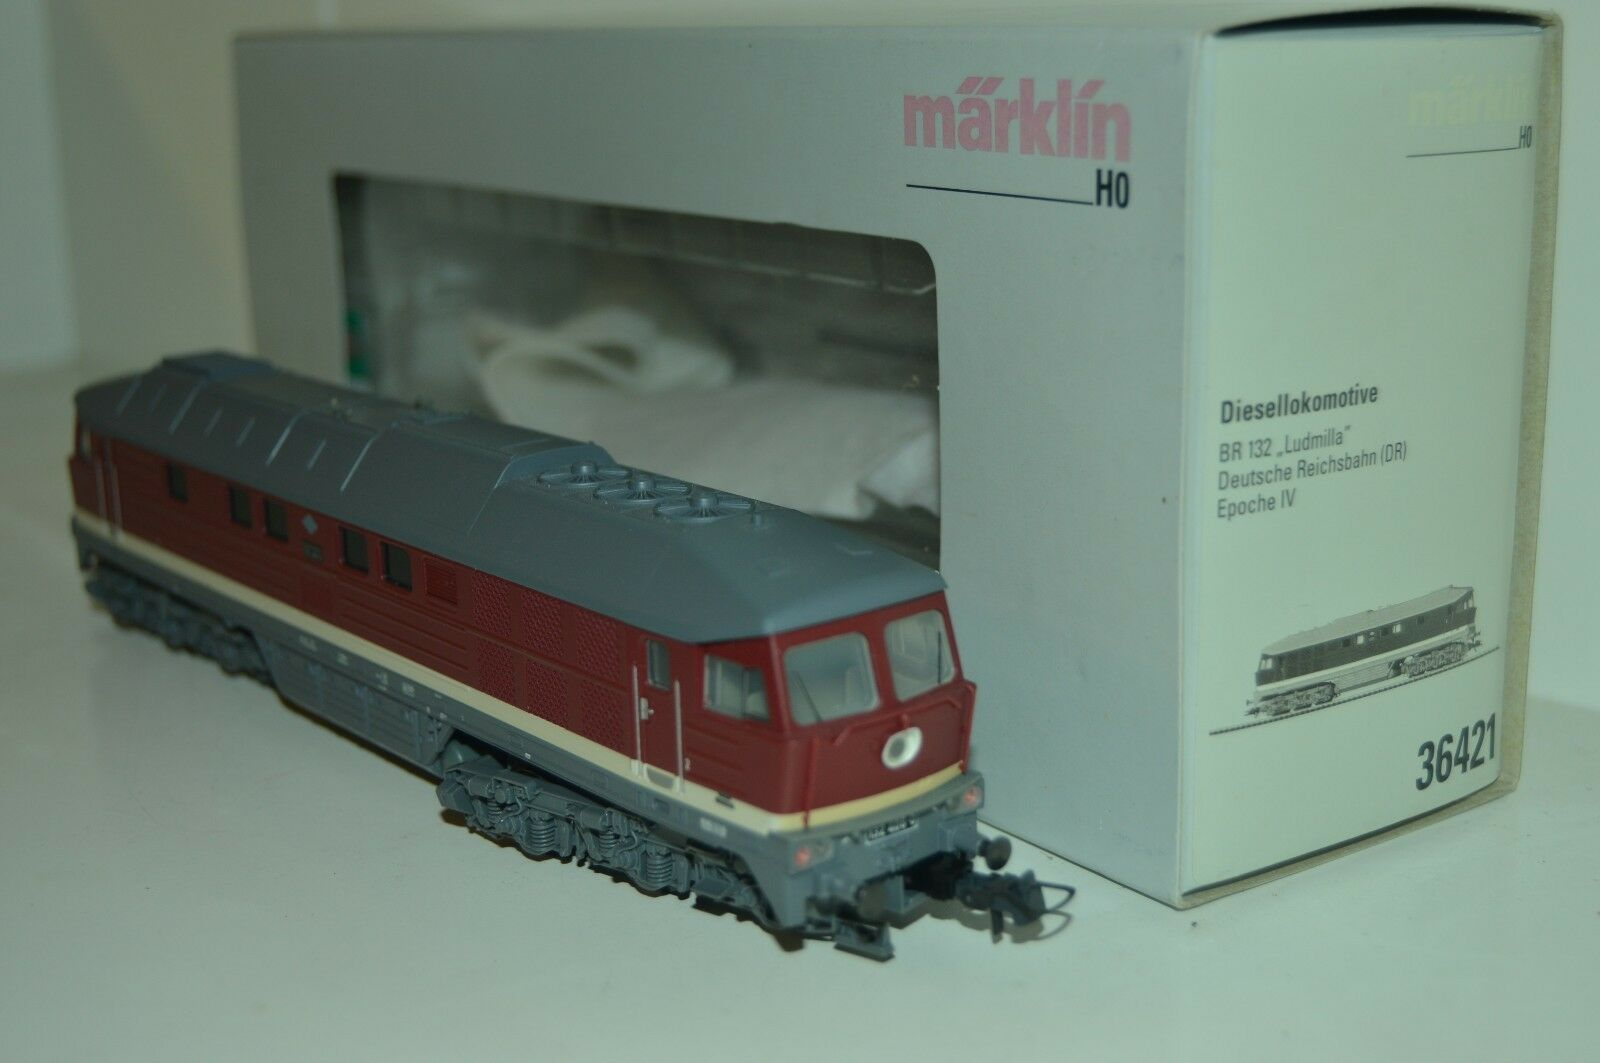 Locomotora diesel pesada Diesellokomotive 36421. 132-406-0 Ludmilla